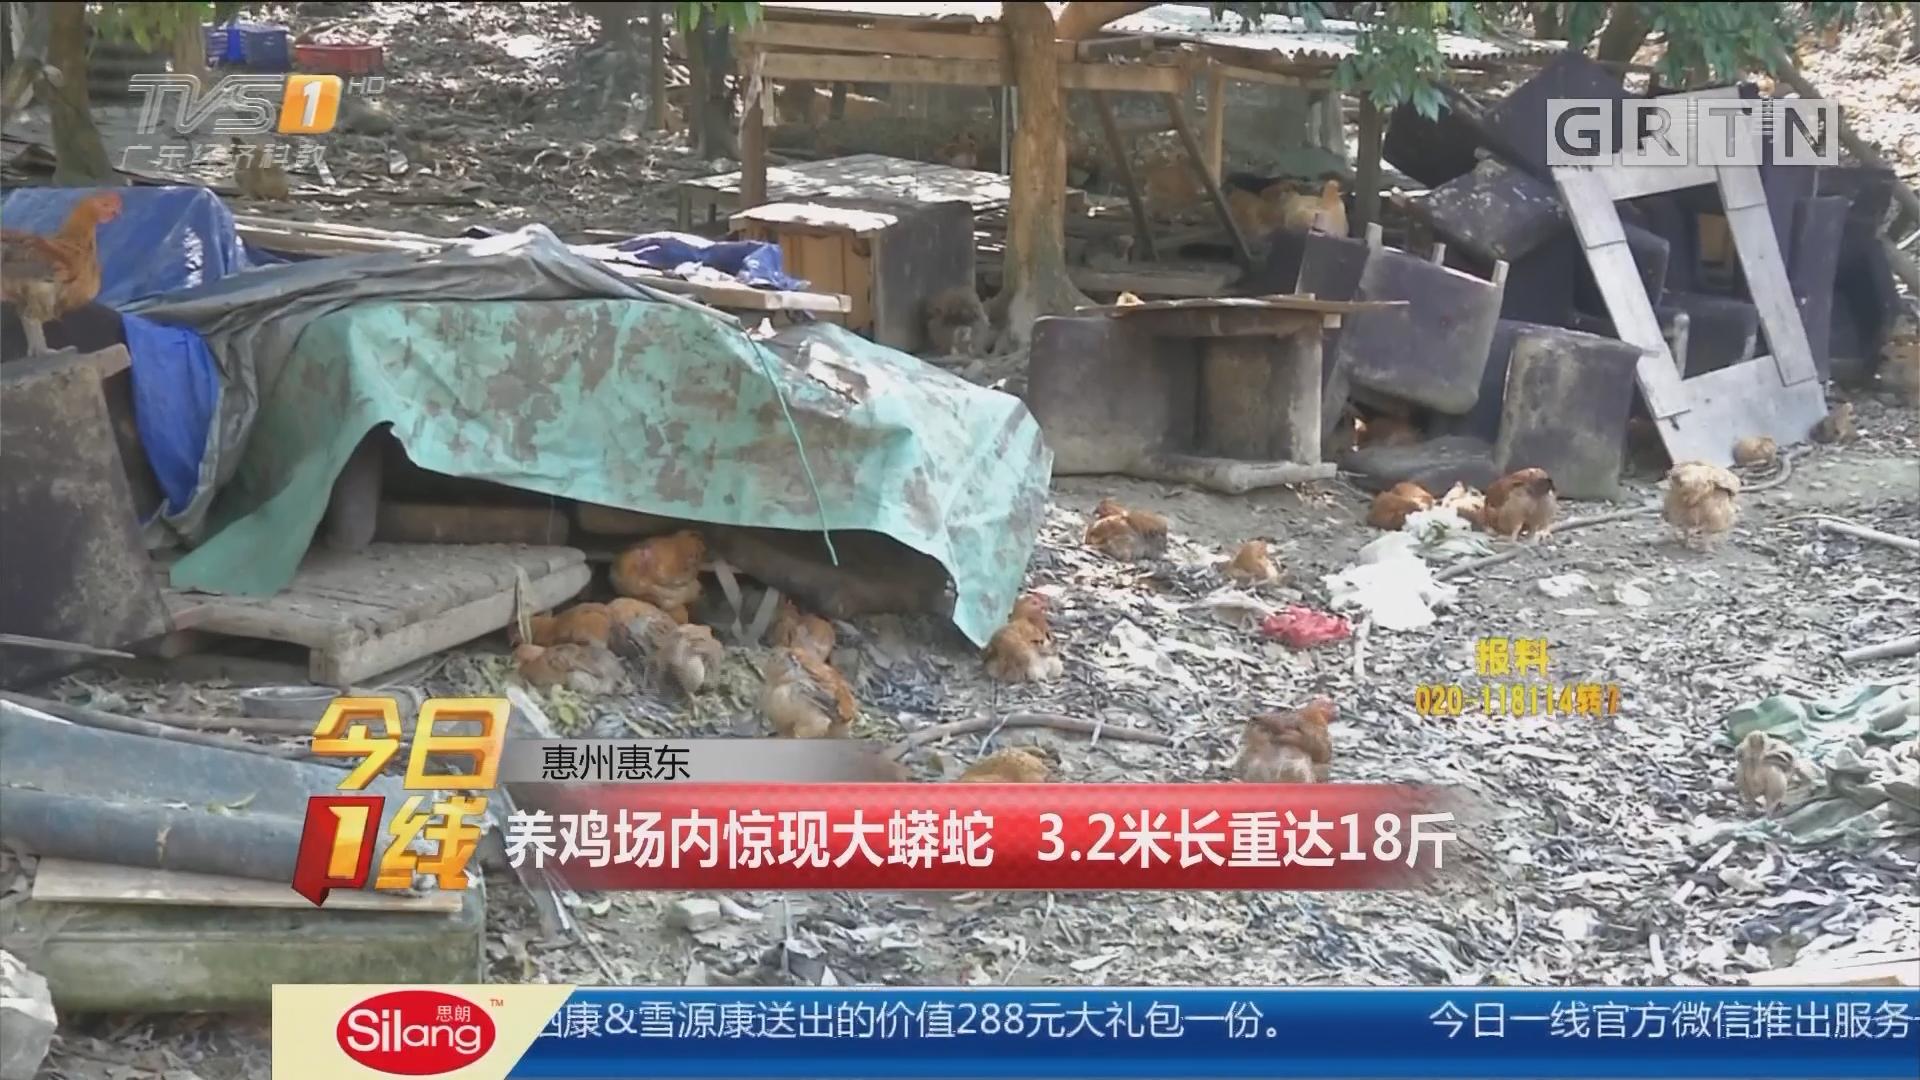 惠州惠東:養雞場內驚現大蟒蛇 3.2米長重達18斤